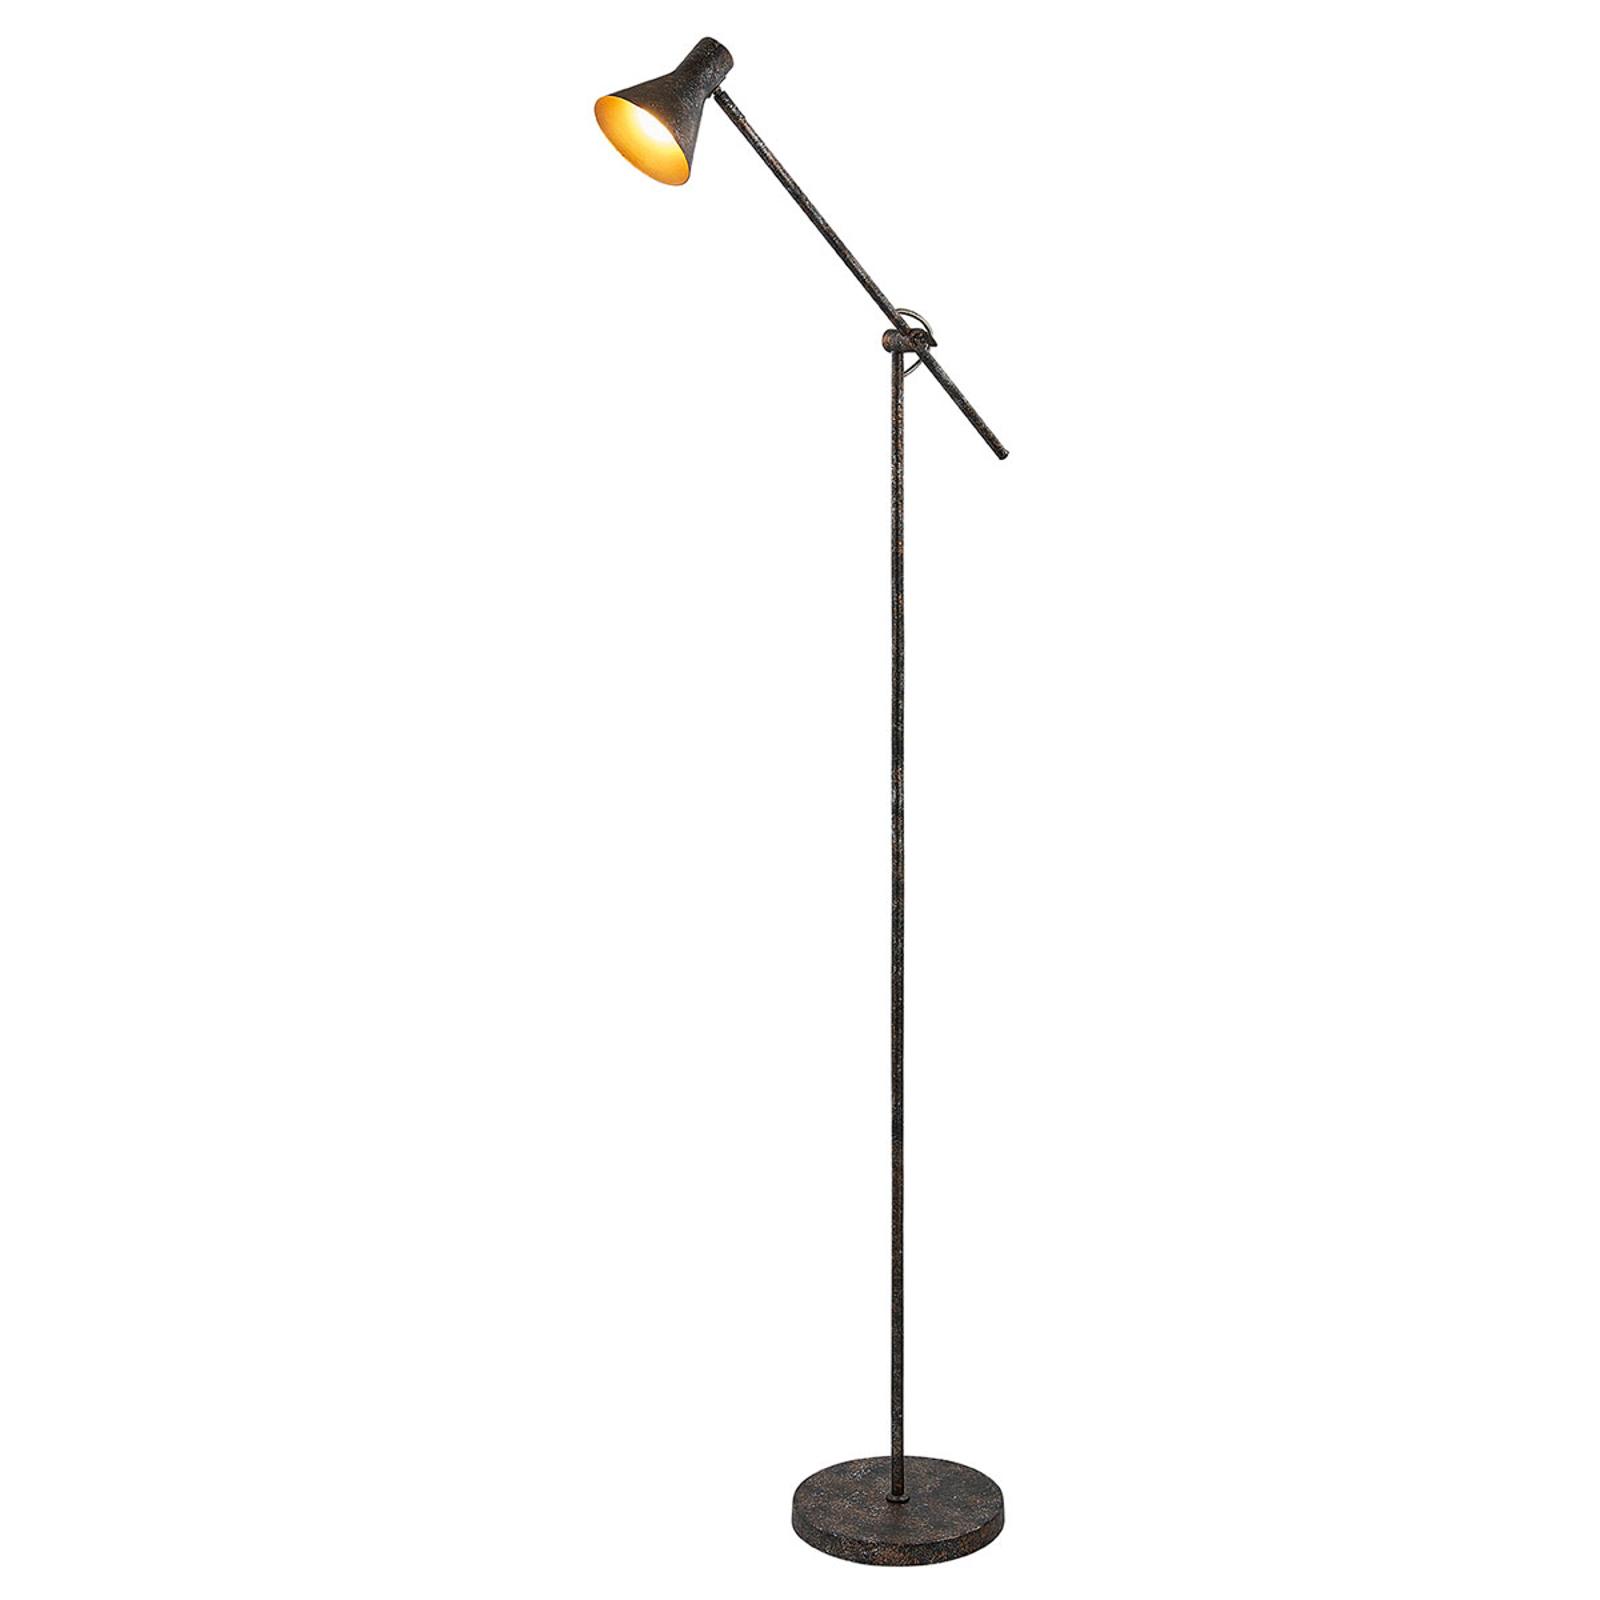 Easydim-LED-Stehlampe Zera, rostfarben und golden